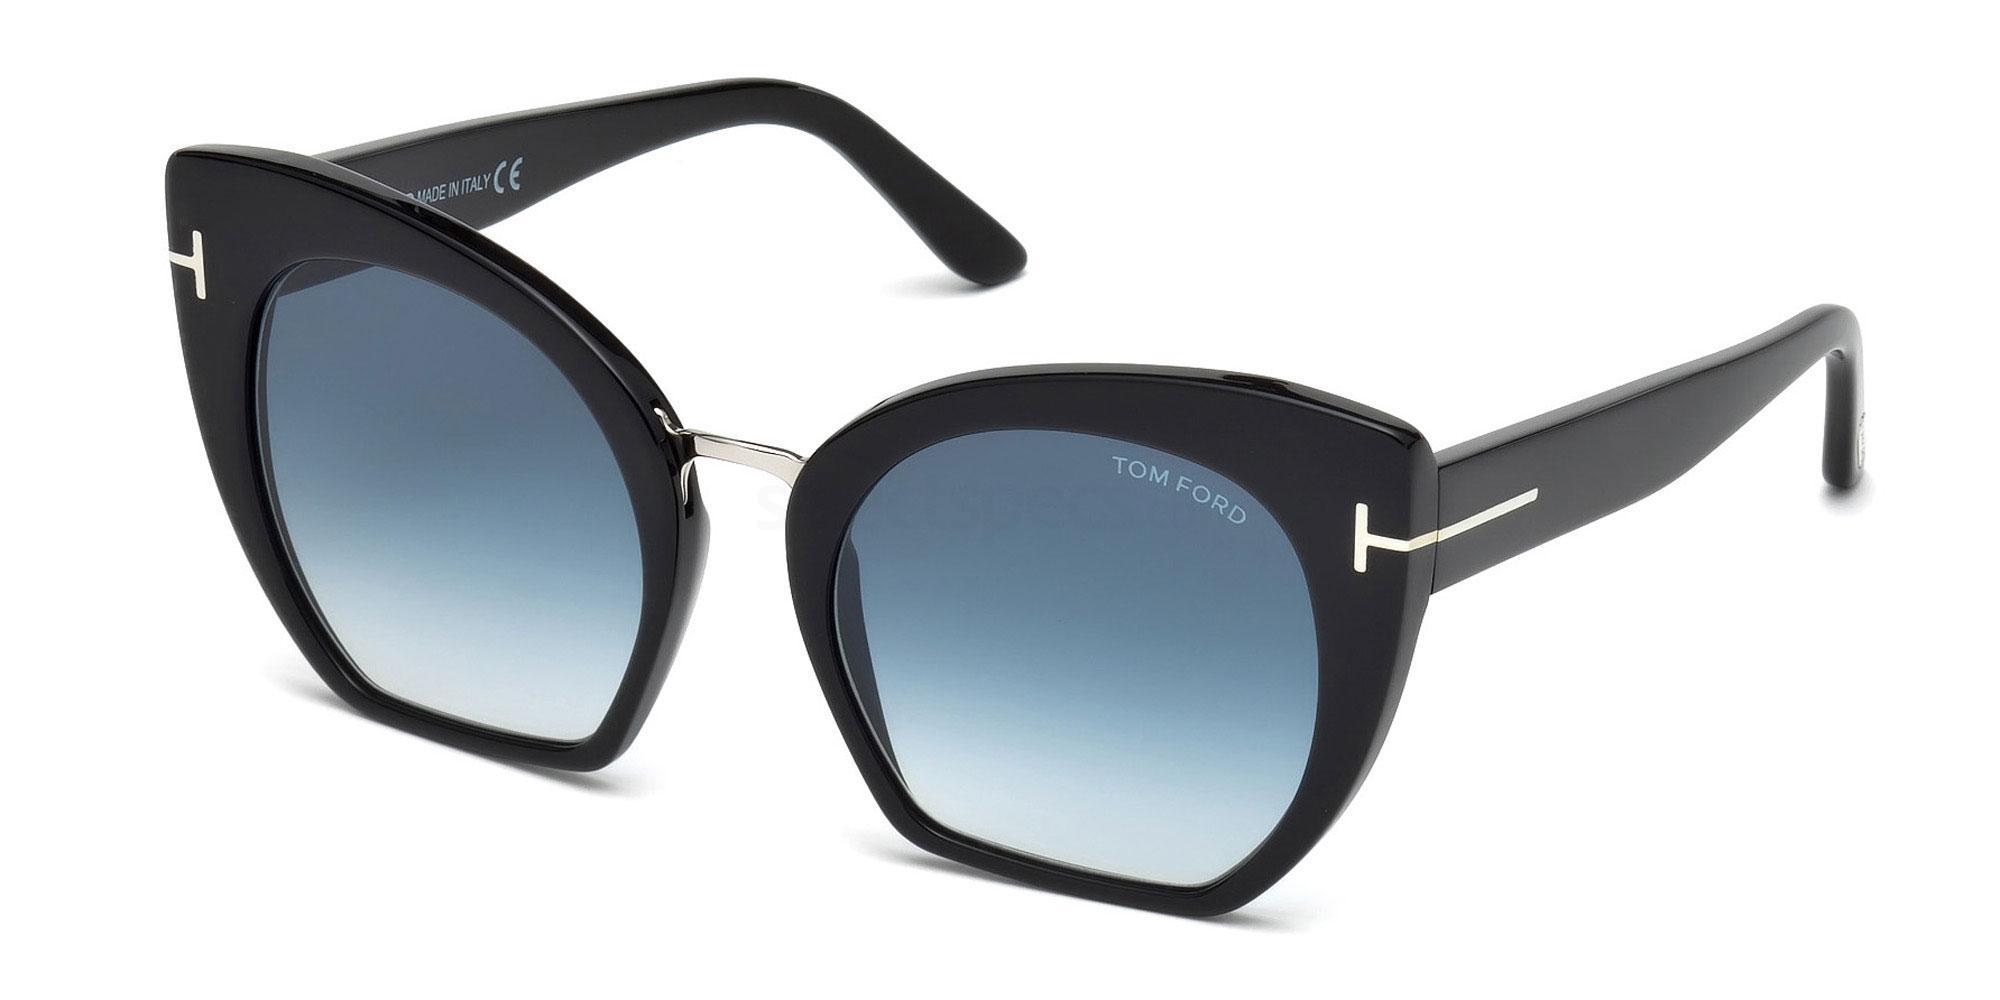 01W FT0553 Sunglasses, Tom Ford